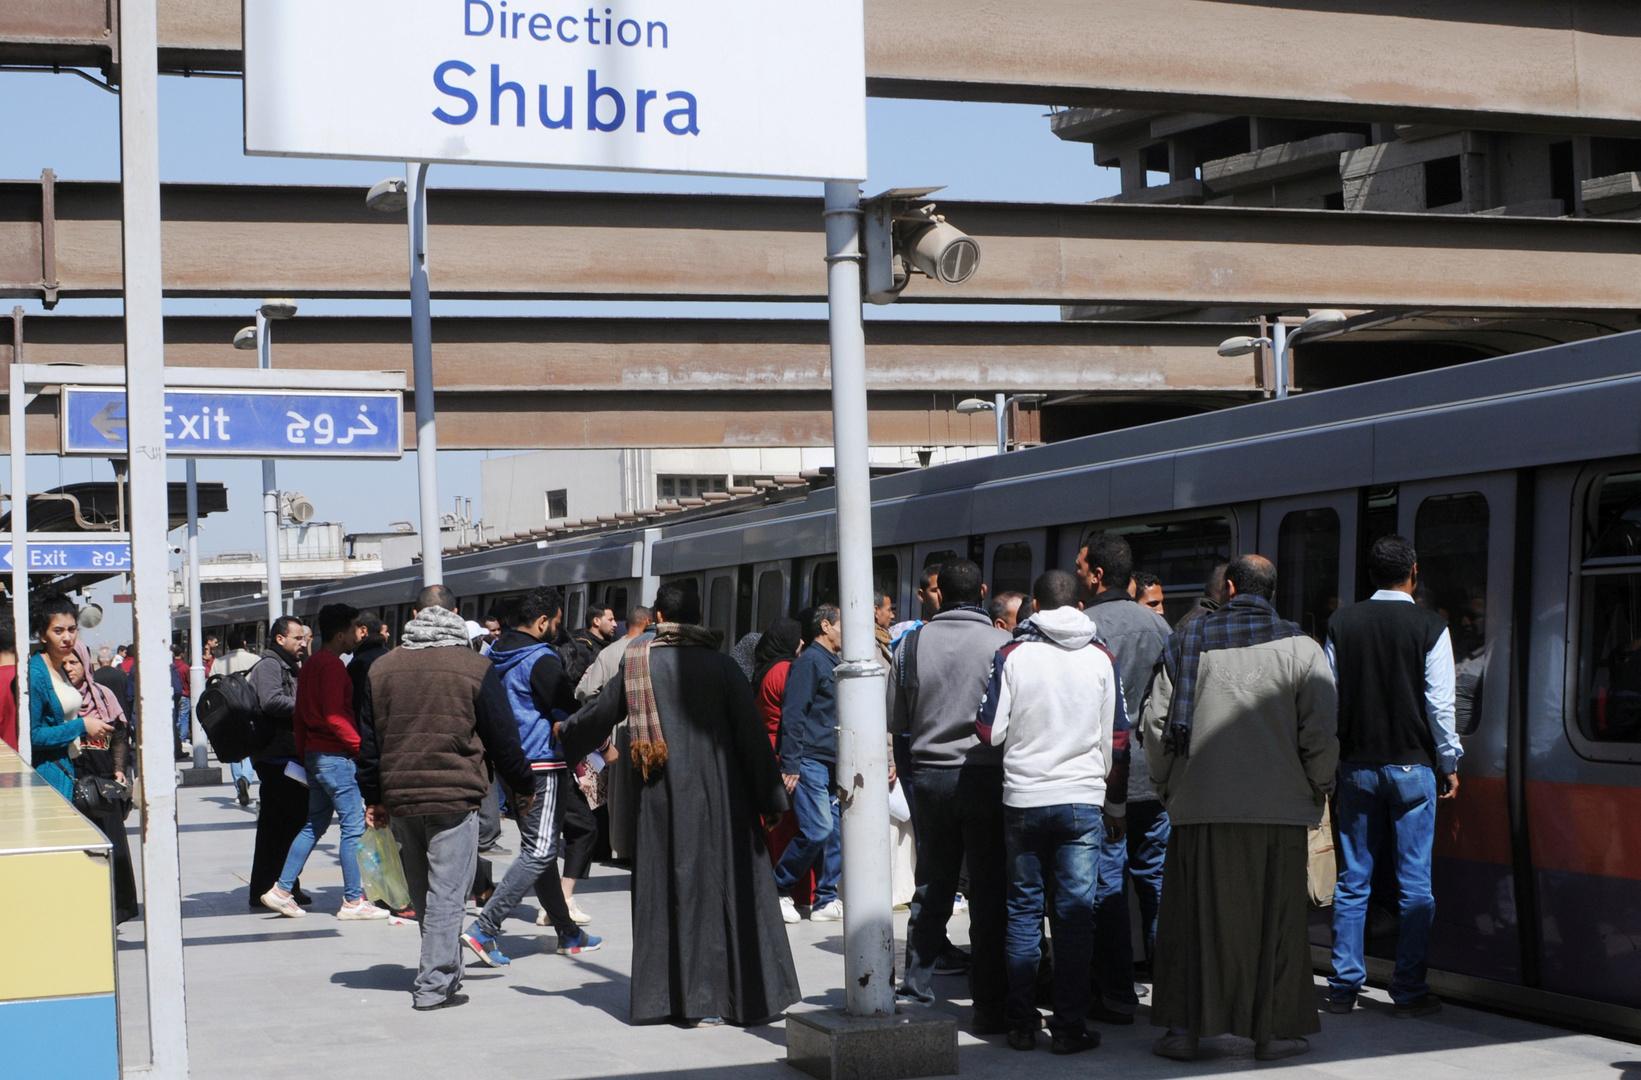 عودة حركة القطارات في الاتجاهين بمنطقة حادث قطار طوخ في مصر